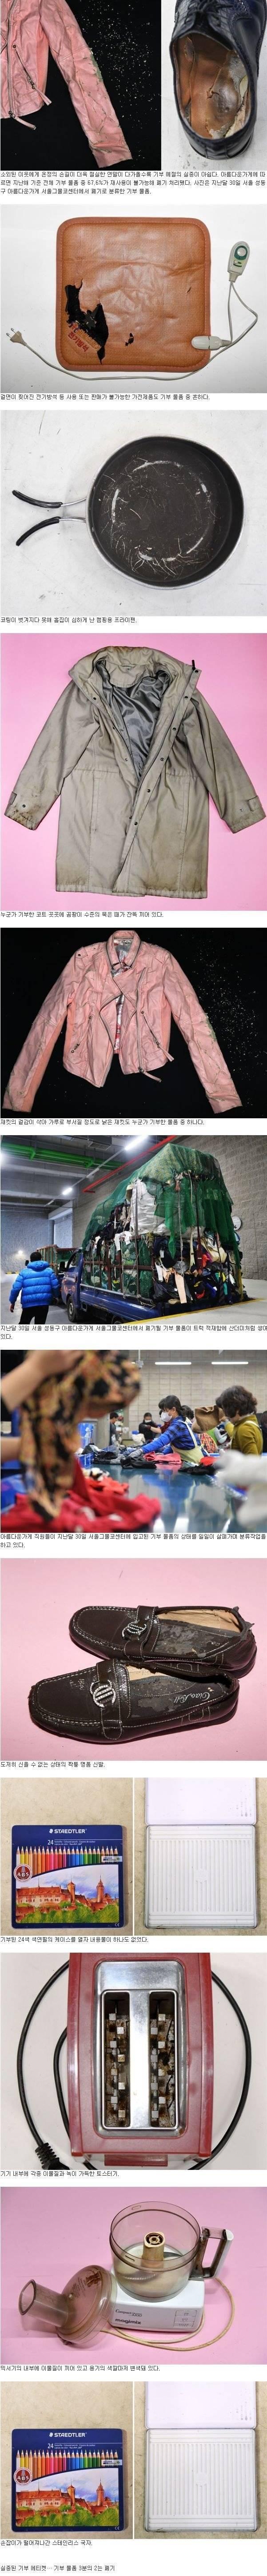 악마도 오열한 한국형 기부문화...jpg | 인스티즈